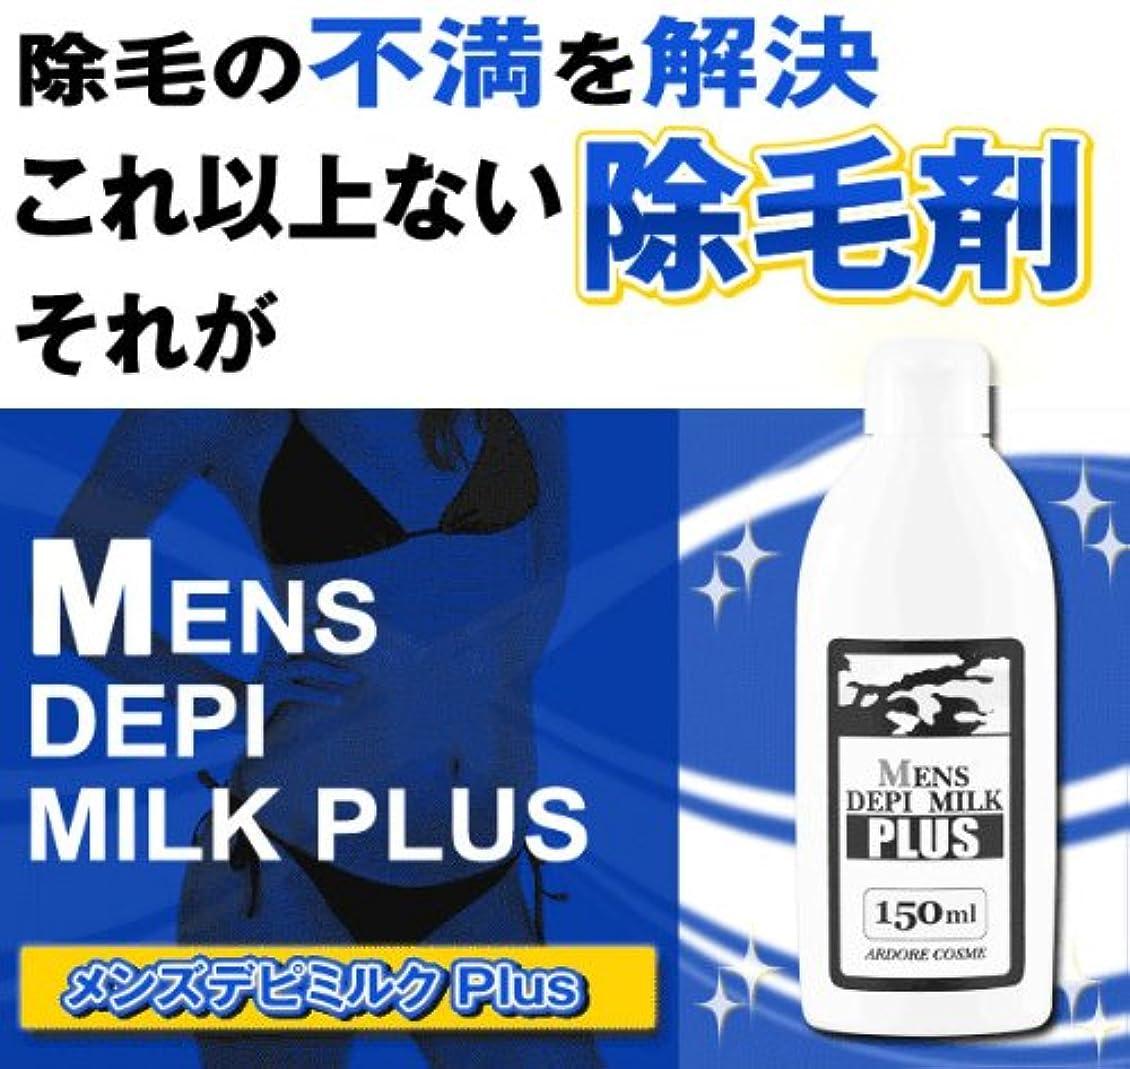 謝罪炎上歌薬用メンズデピミルクプラス 150ml(薬用除毛クリーム)医薬部外品